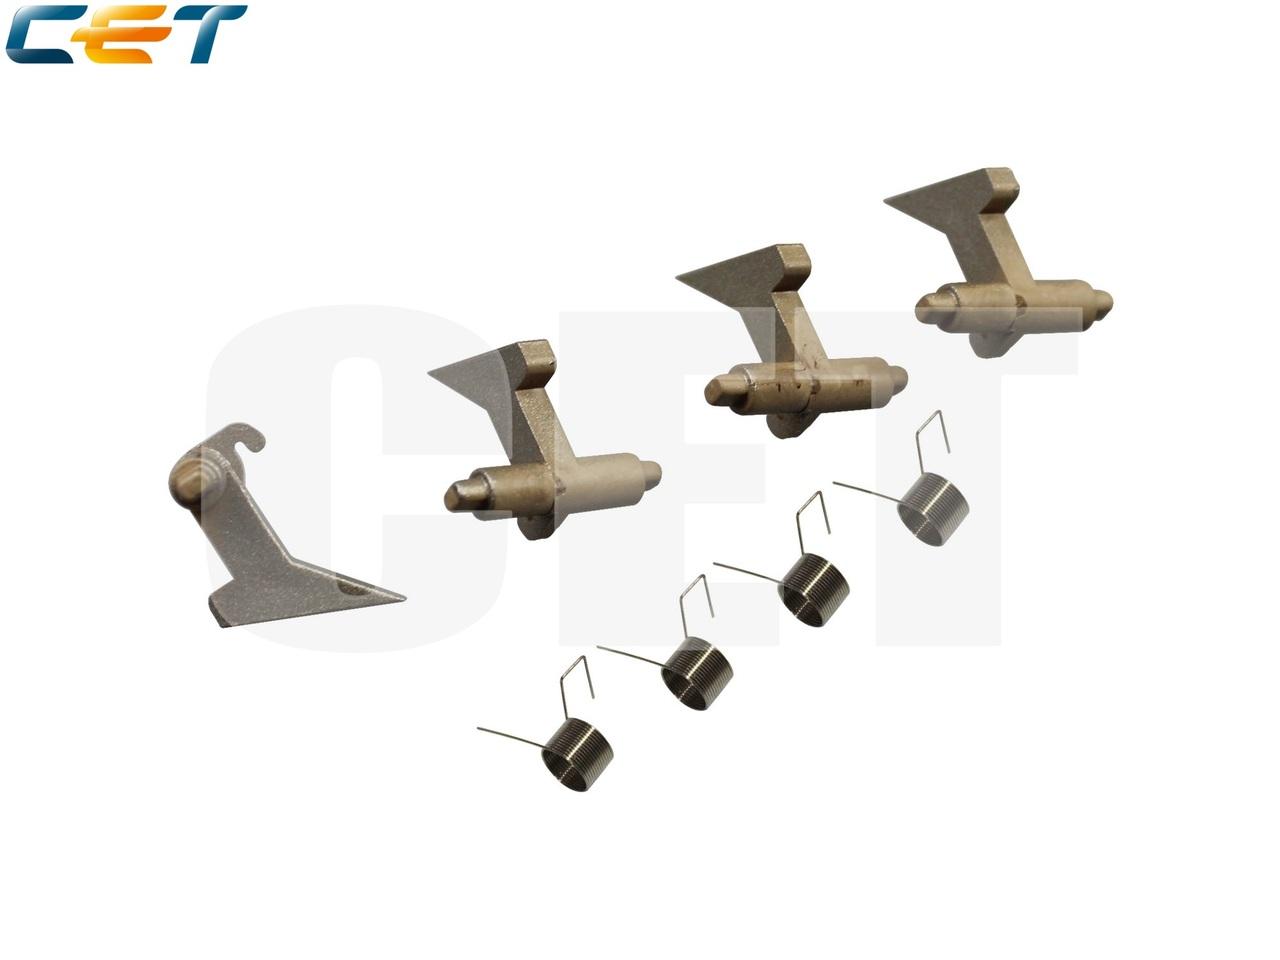 Сепаратор тефлонового вала с пружиной 2A820530 дляKYOCERA FS-2000D/3900DN/4000DN/2020D/3920DN/4020DN(CET), CET4009